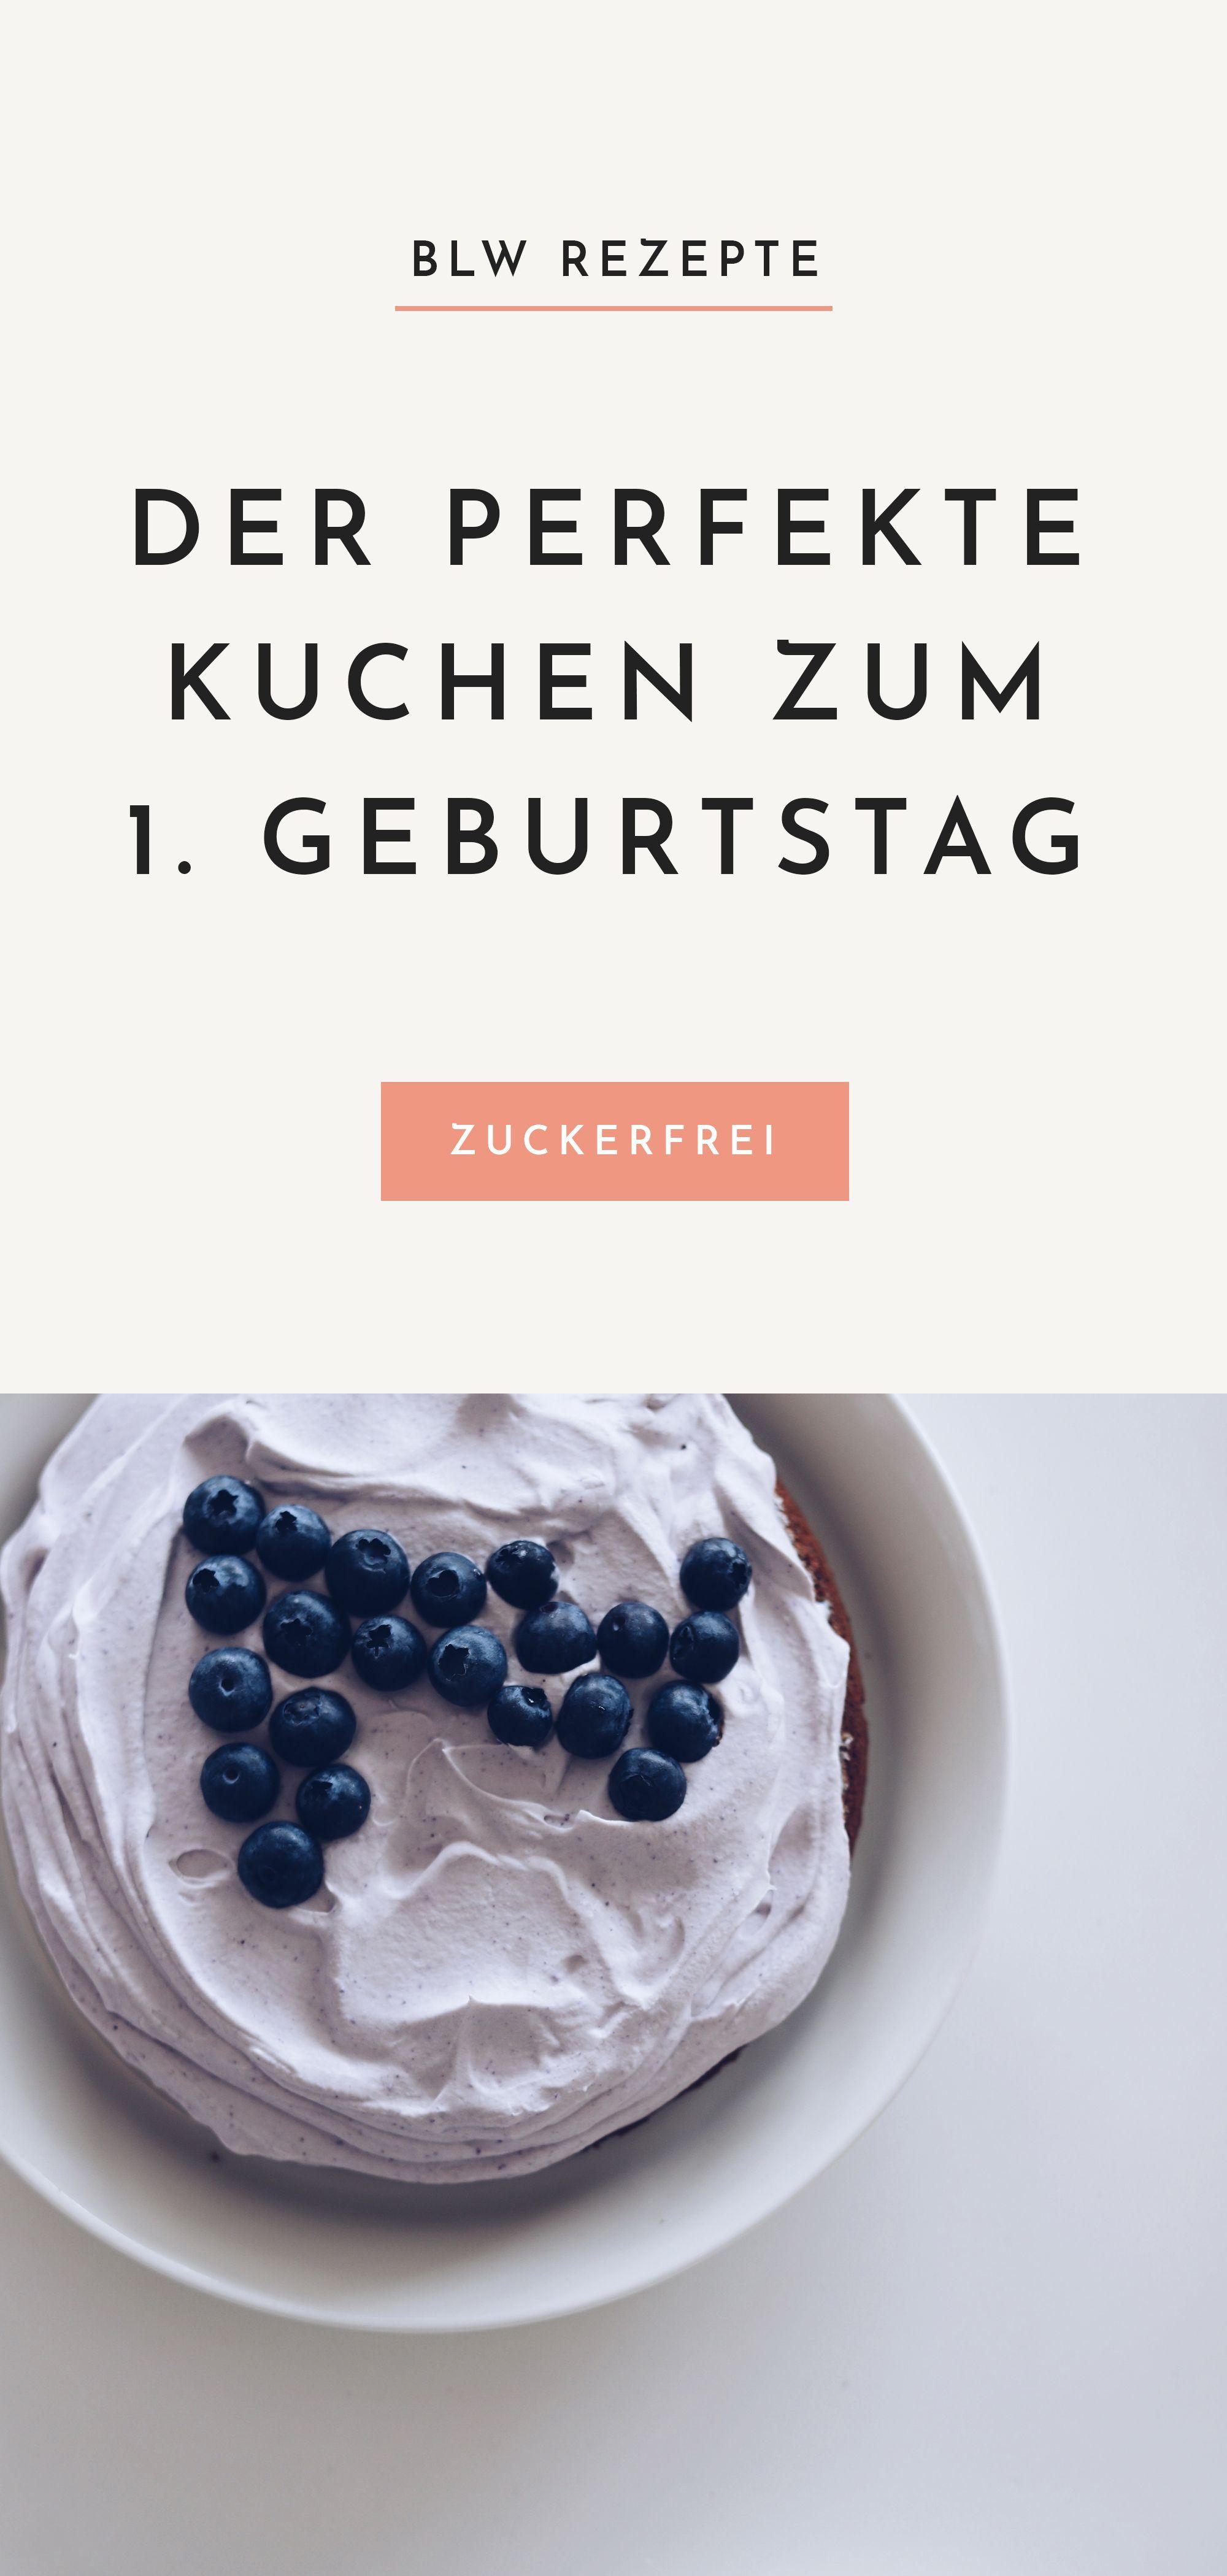 Kuchen Zum 1 Geburtstag Der Perfekte Kuchen Ohne Raffinierten Zucker Rezept Kuchen Baby Geburtstag Blw Rezepte Kuchen Ohne Zucker